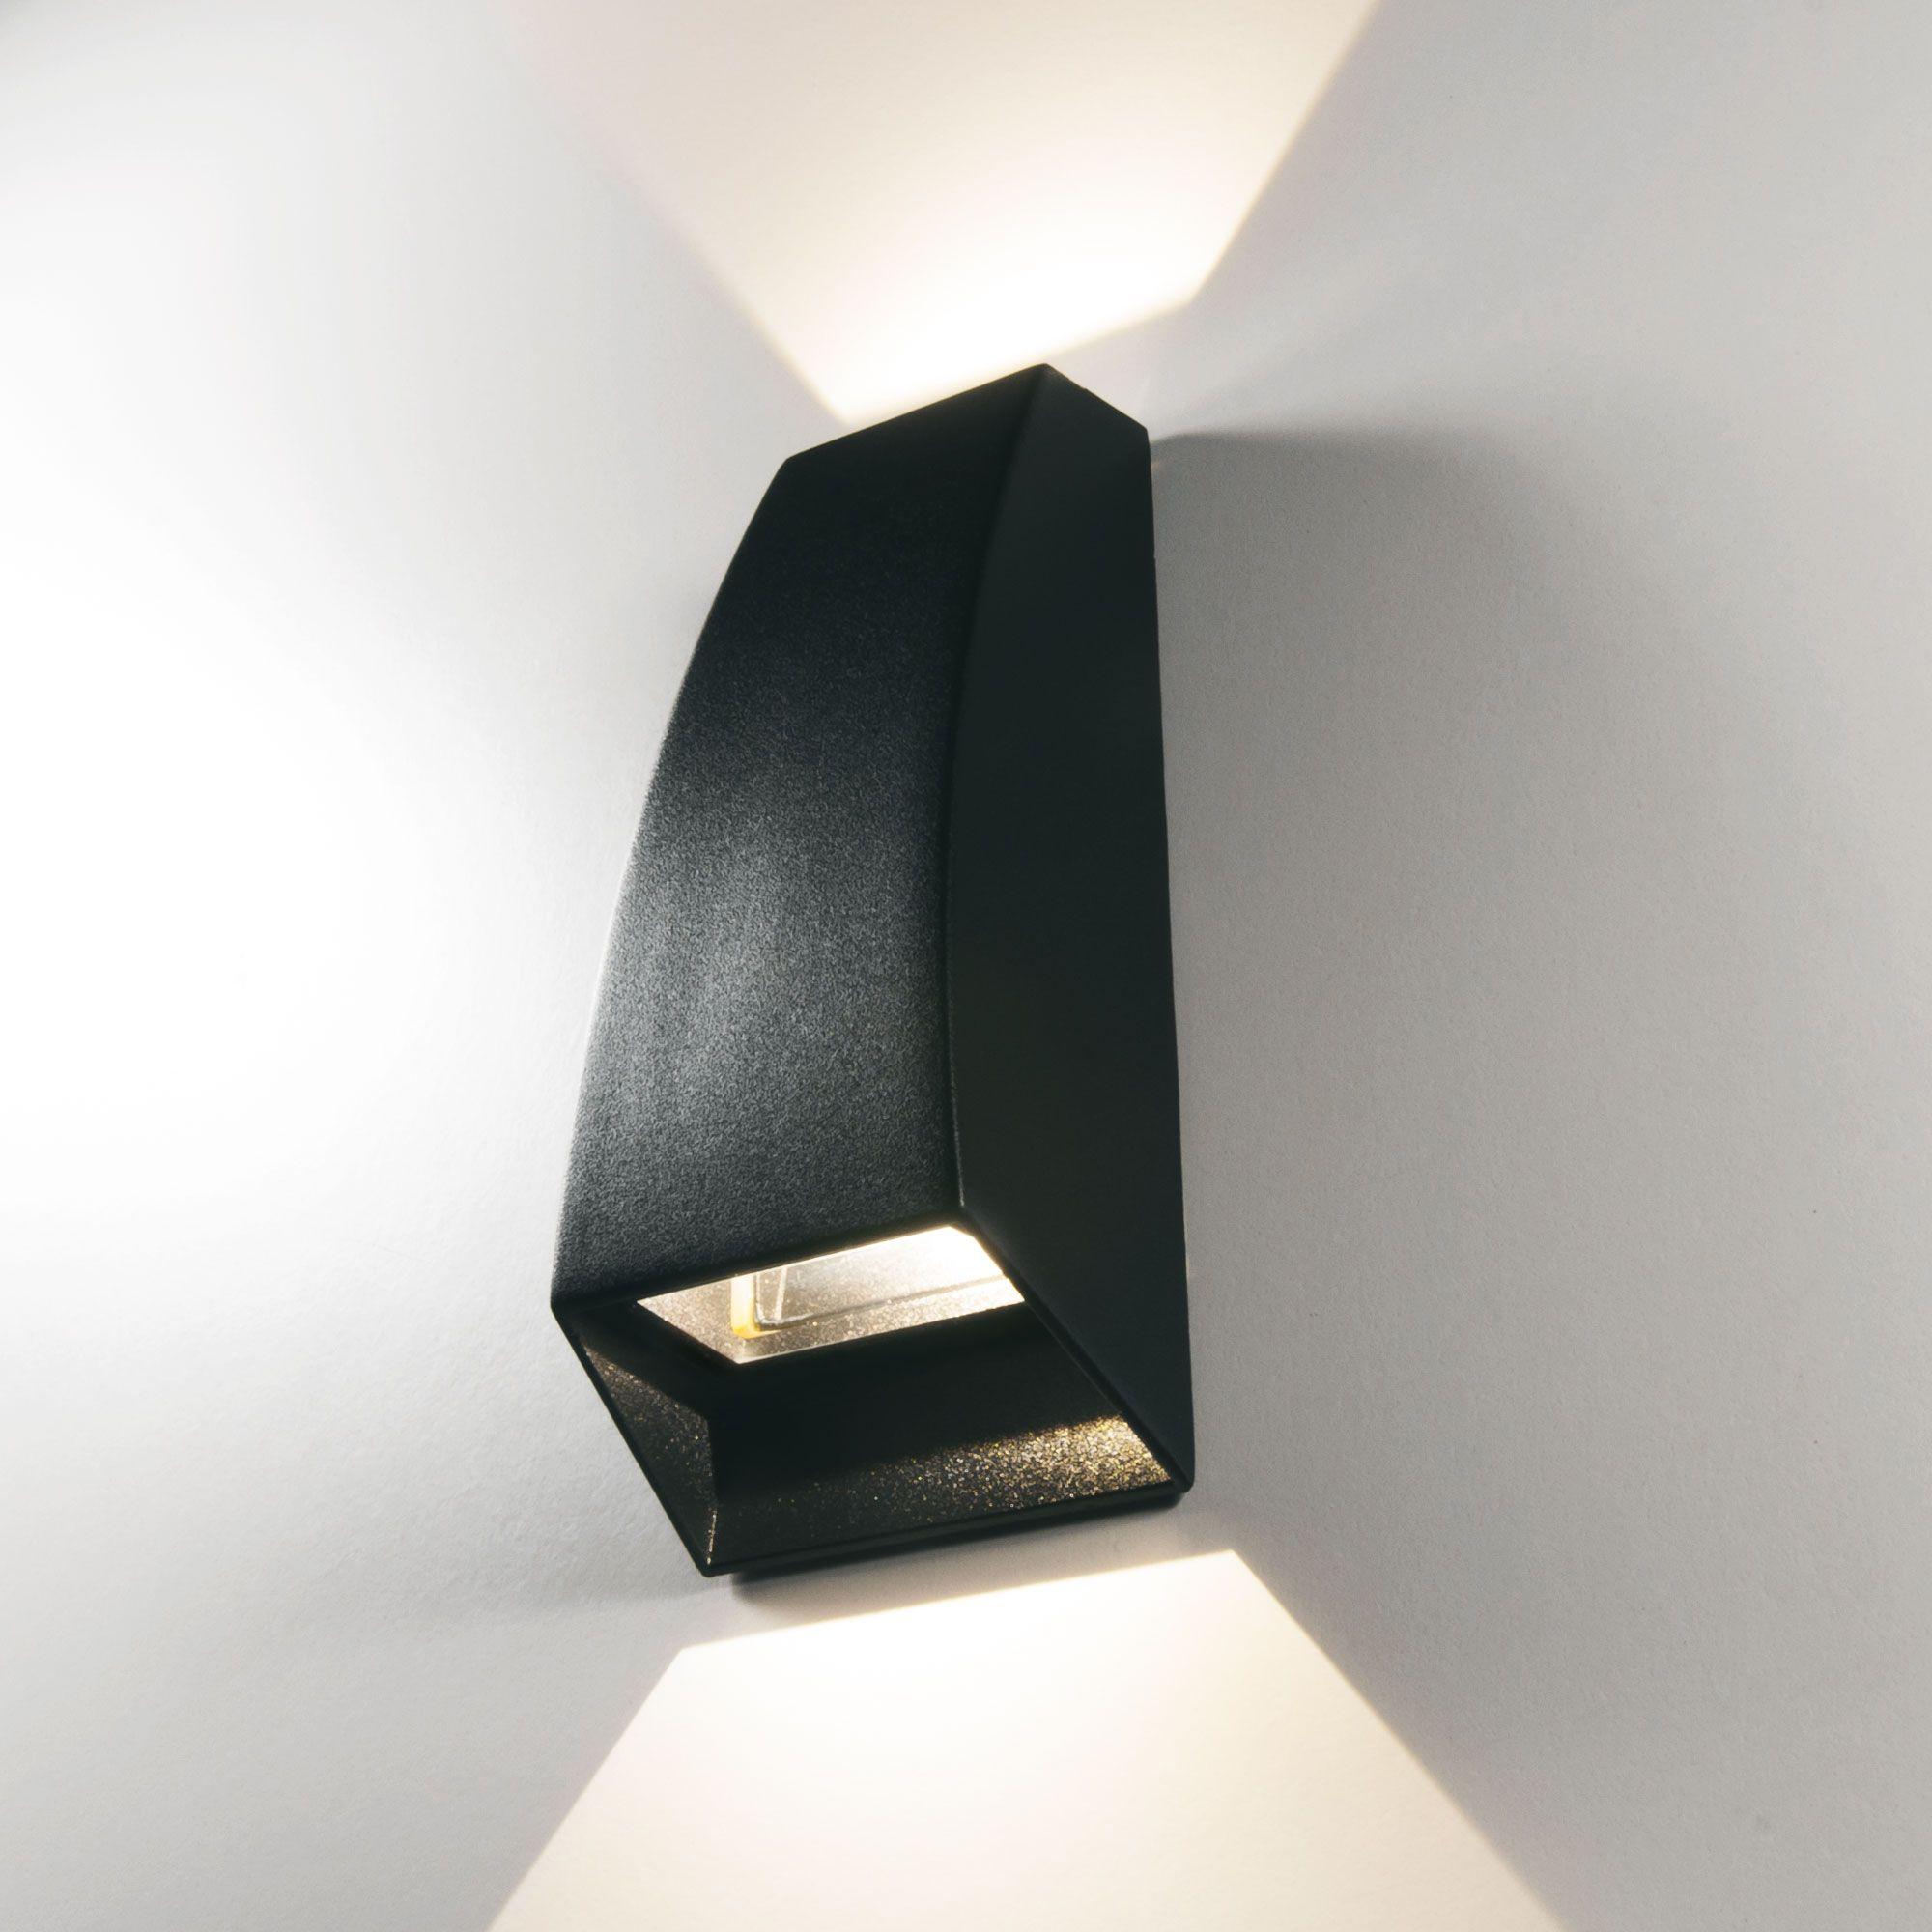 Пылевлагозащи<wbr>щенный светодиодный светильник 1016 Techno черный IP54 1016 Techno черный